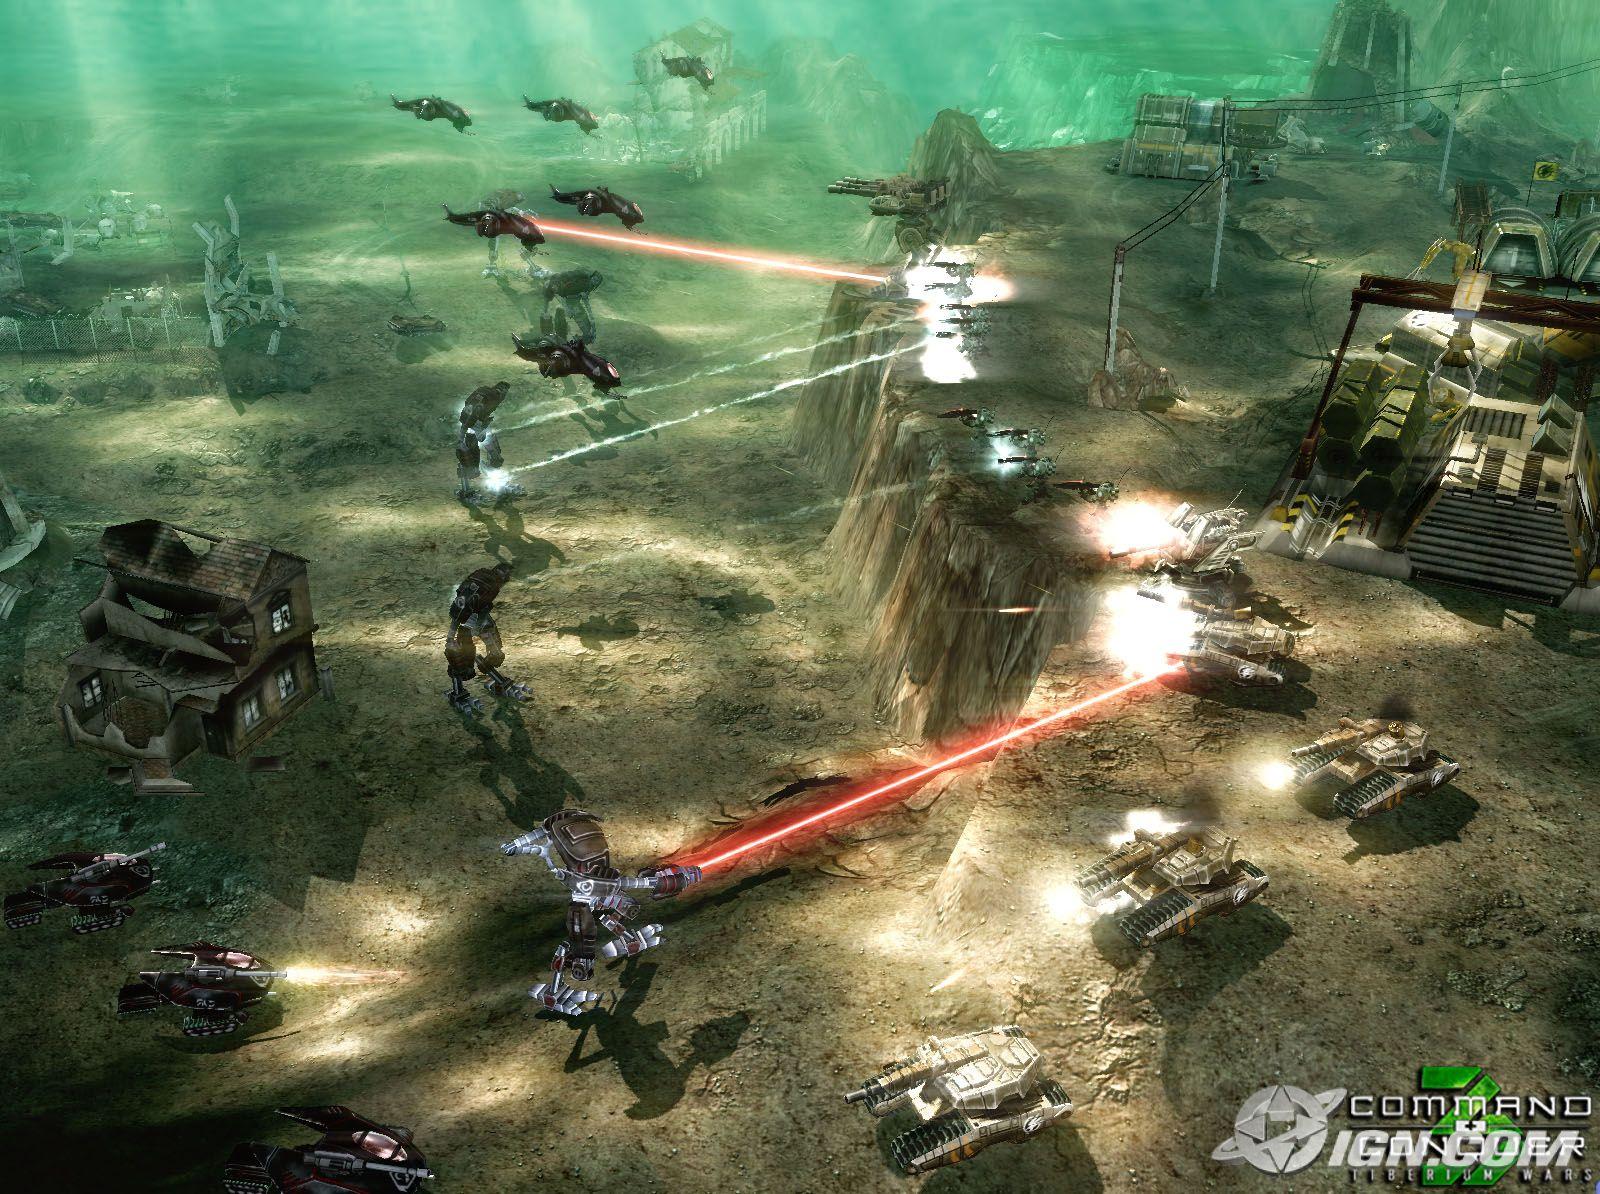 Command & Conquer 3 Tiberium Wars Screenshots.